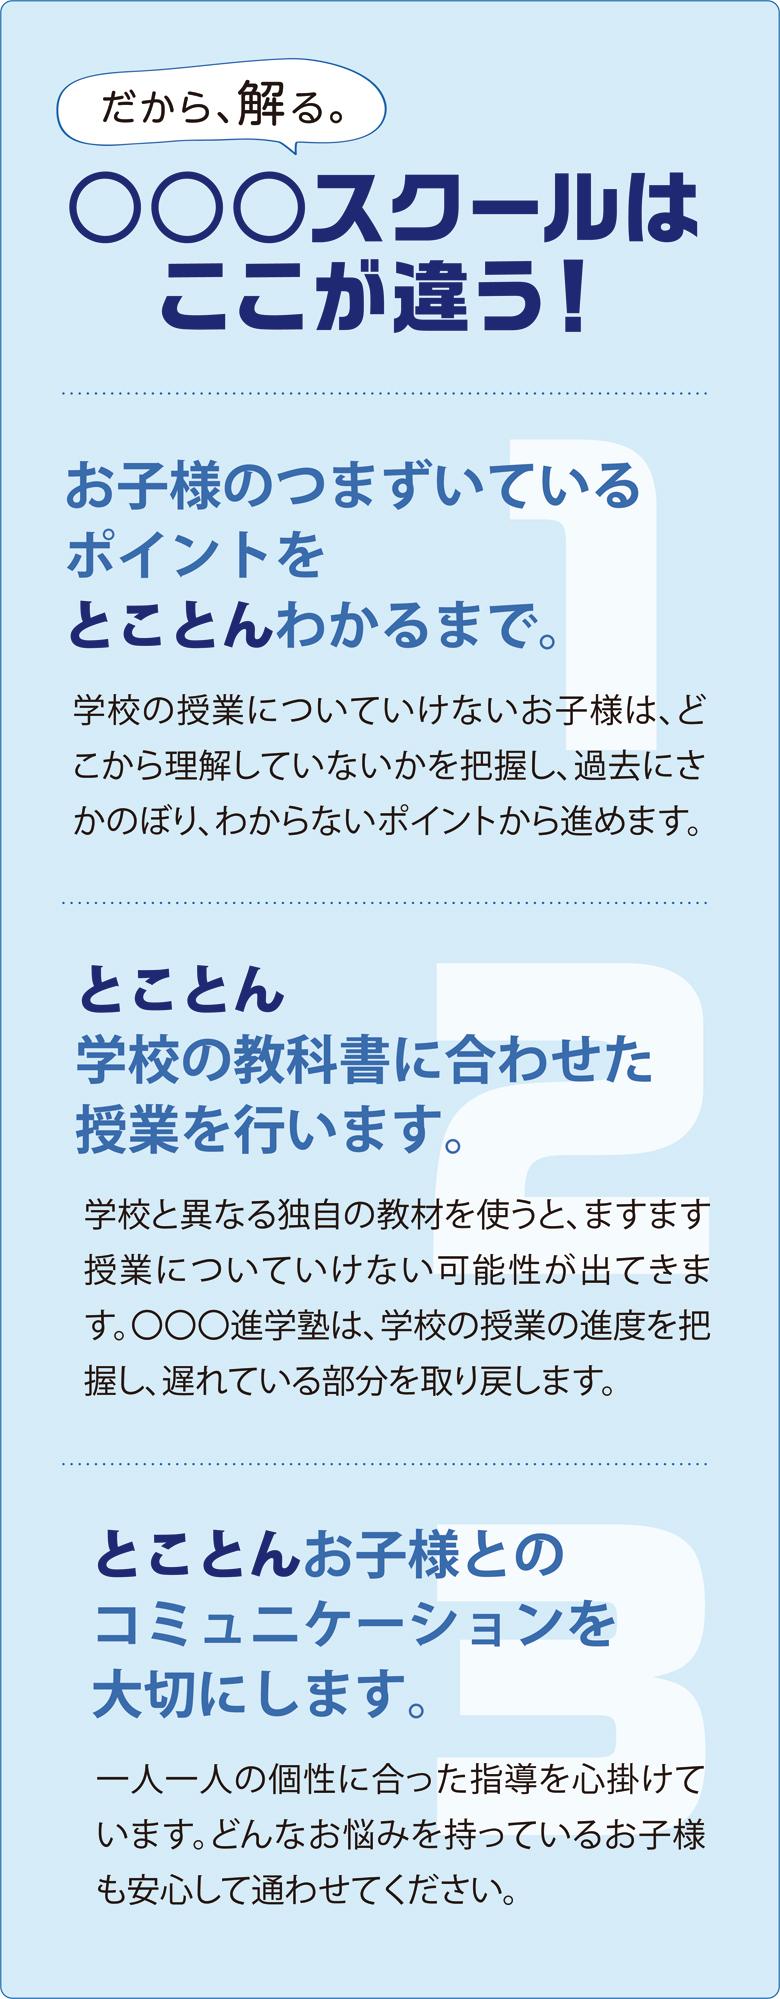 kds-case-20n-g-03